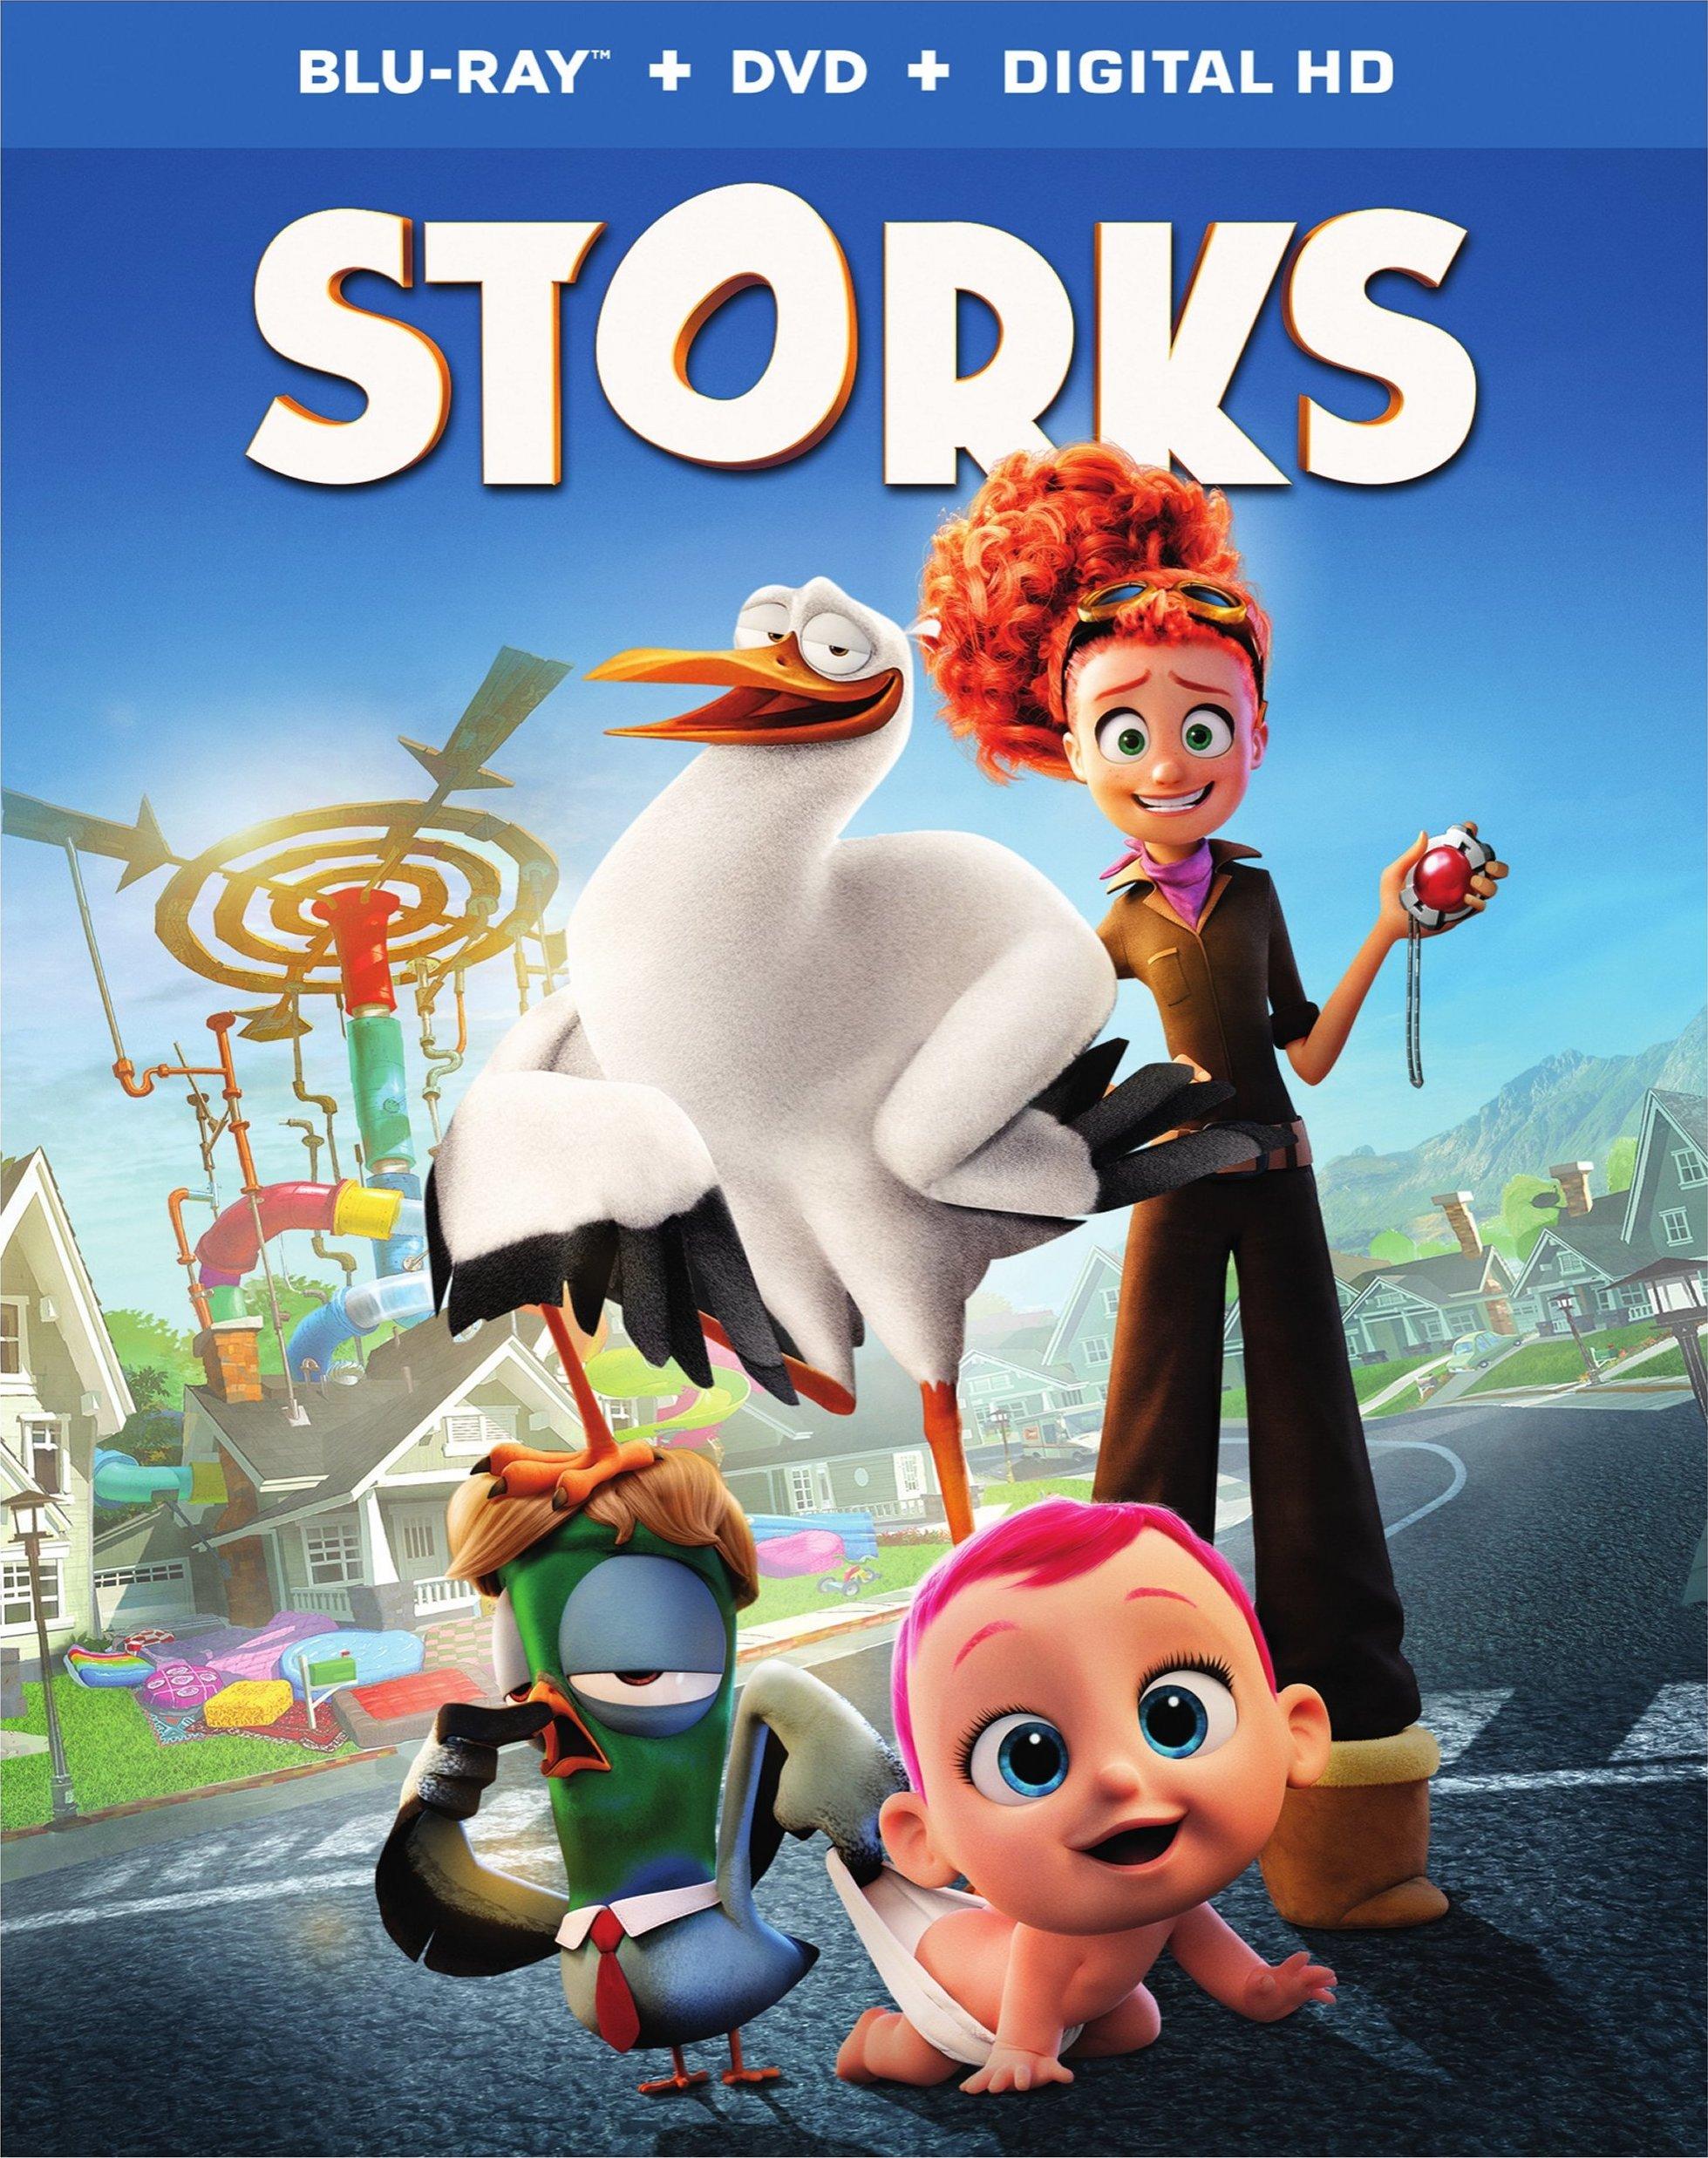 Storks(2016) poster image